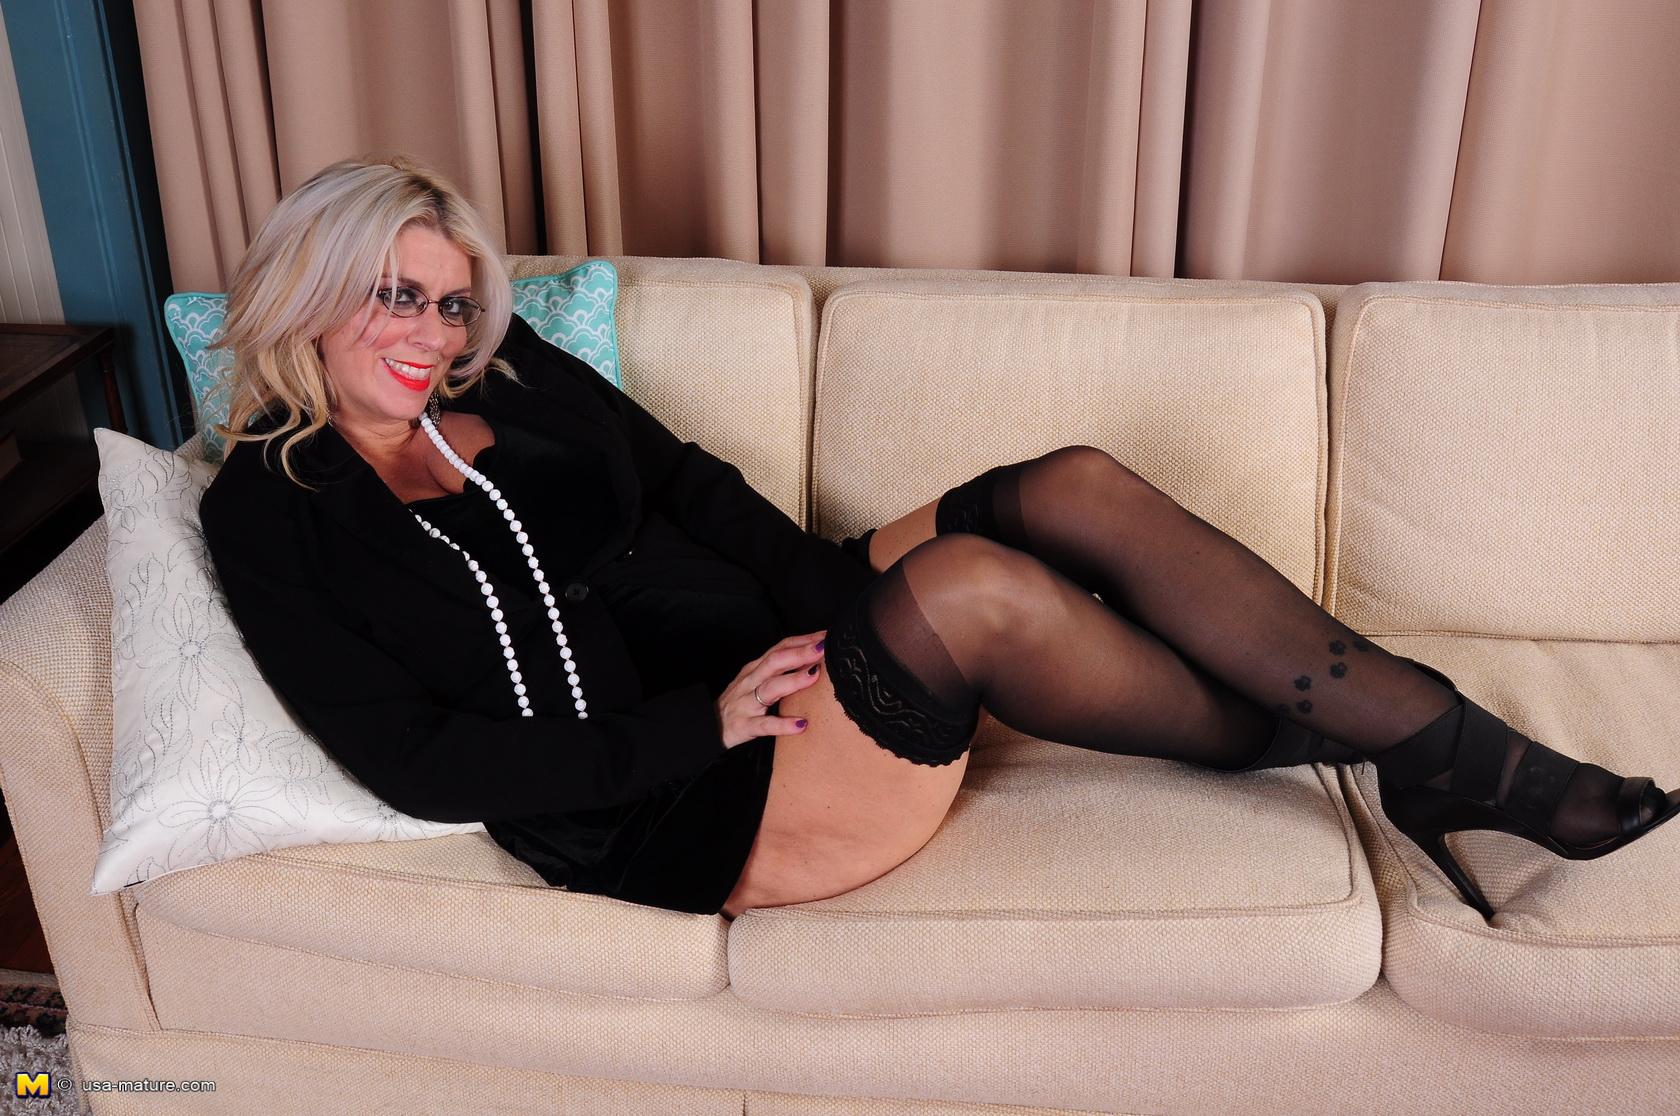 Stocking mature women body